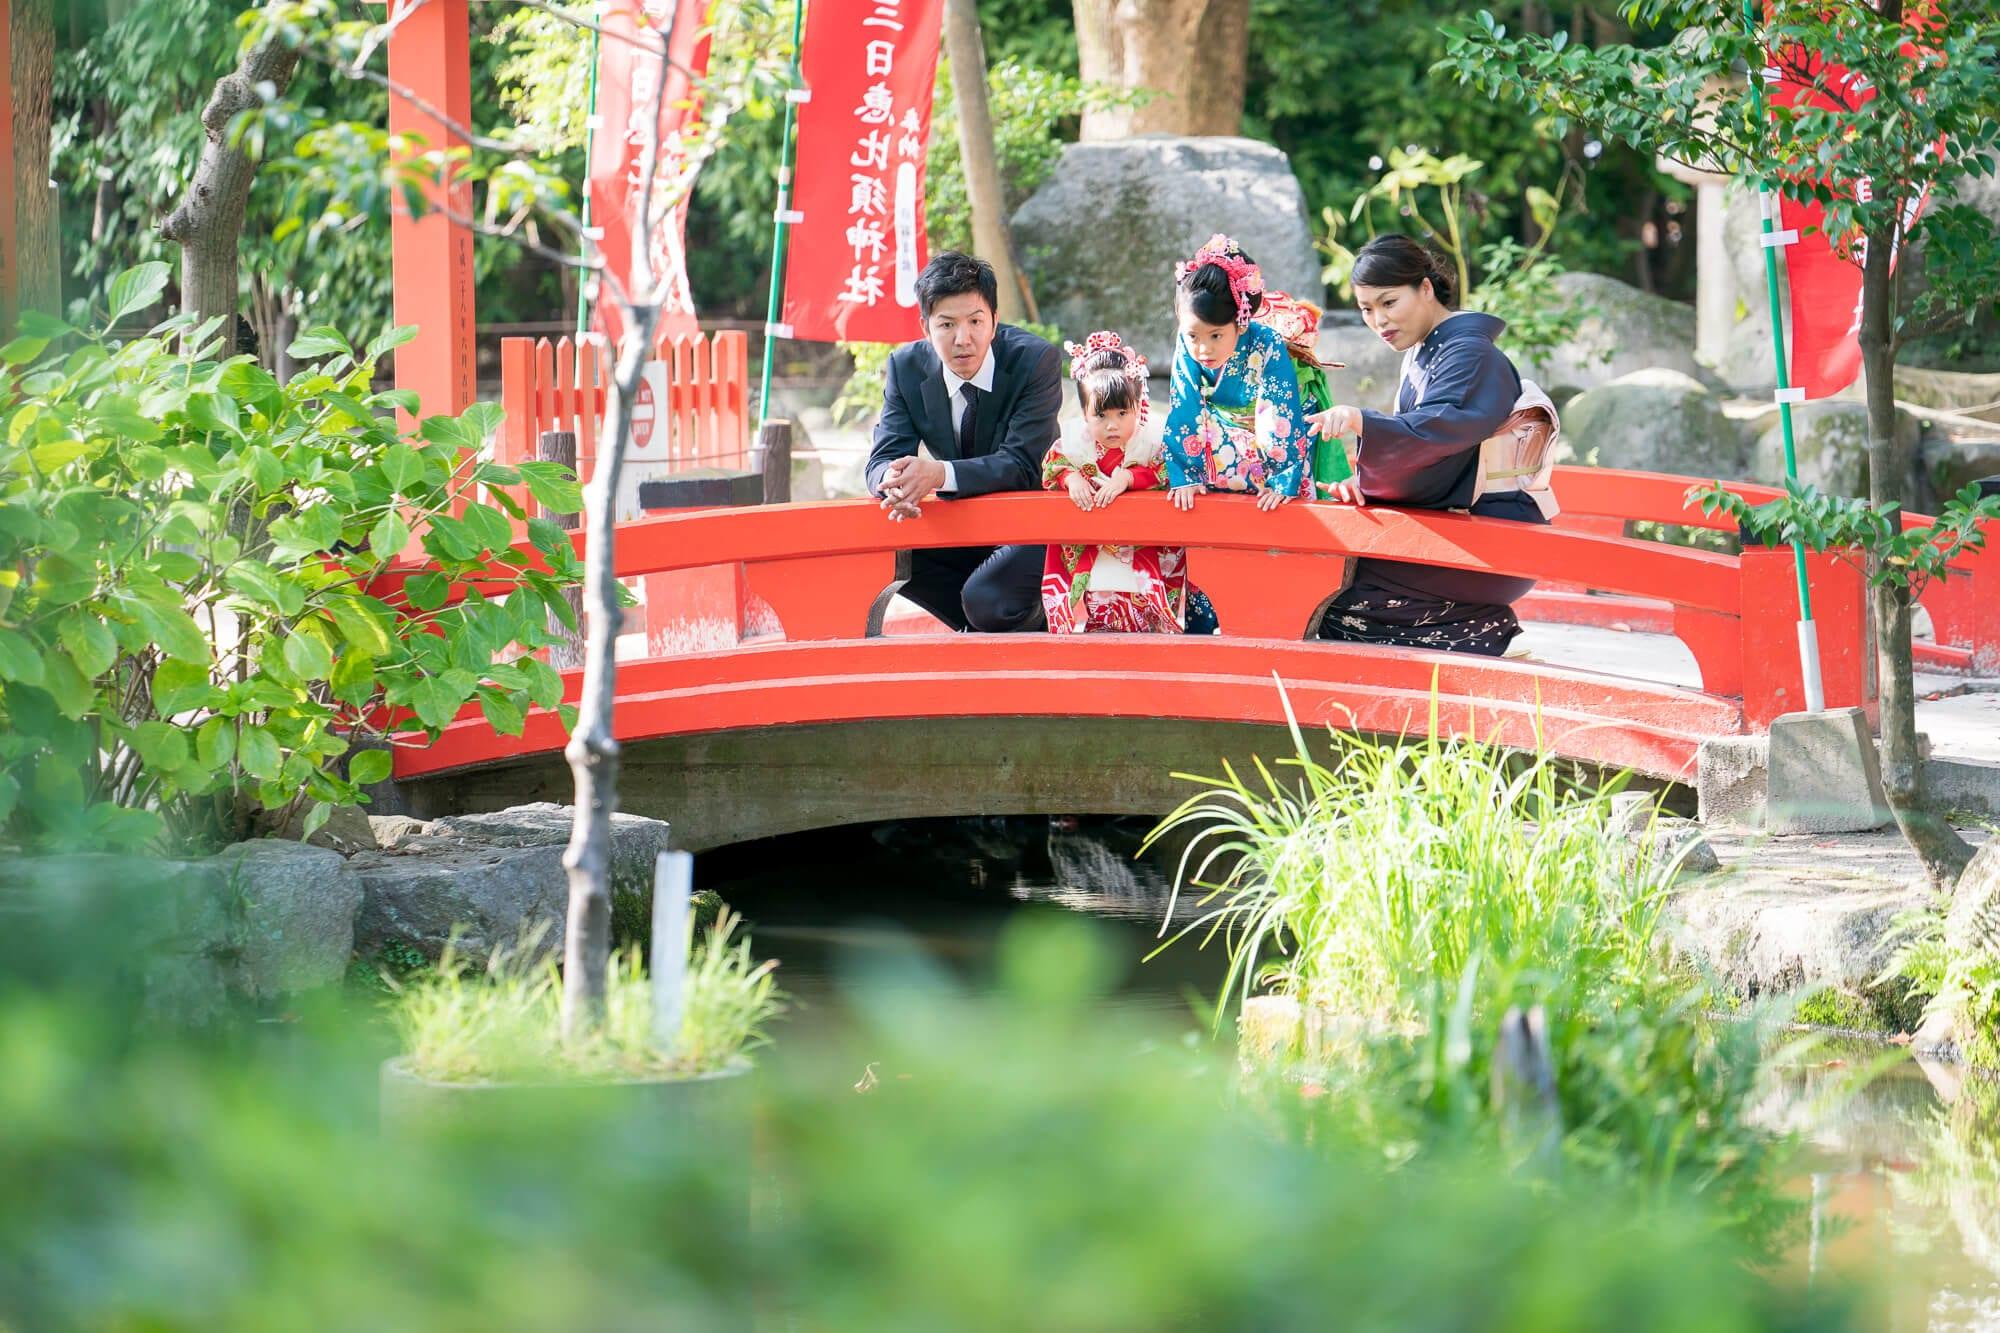 住吉神社 三日恵比寿神社の橋